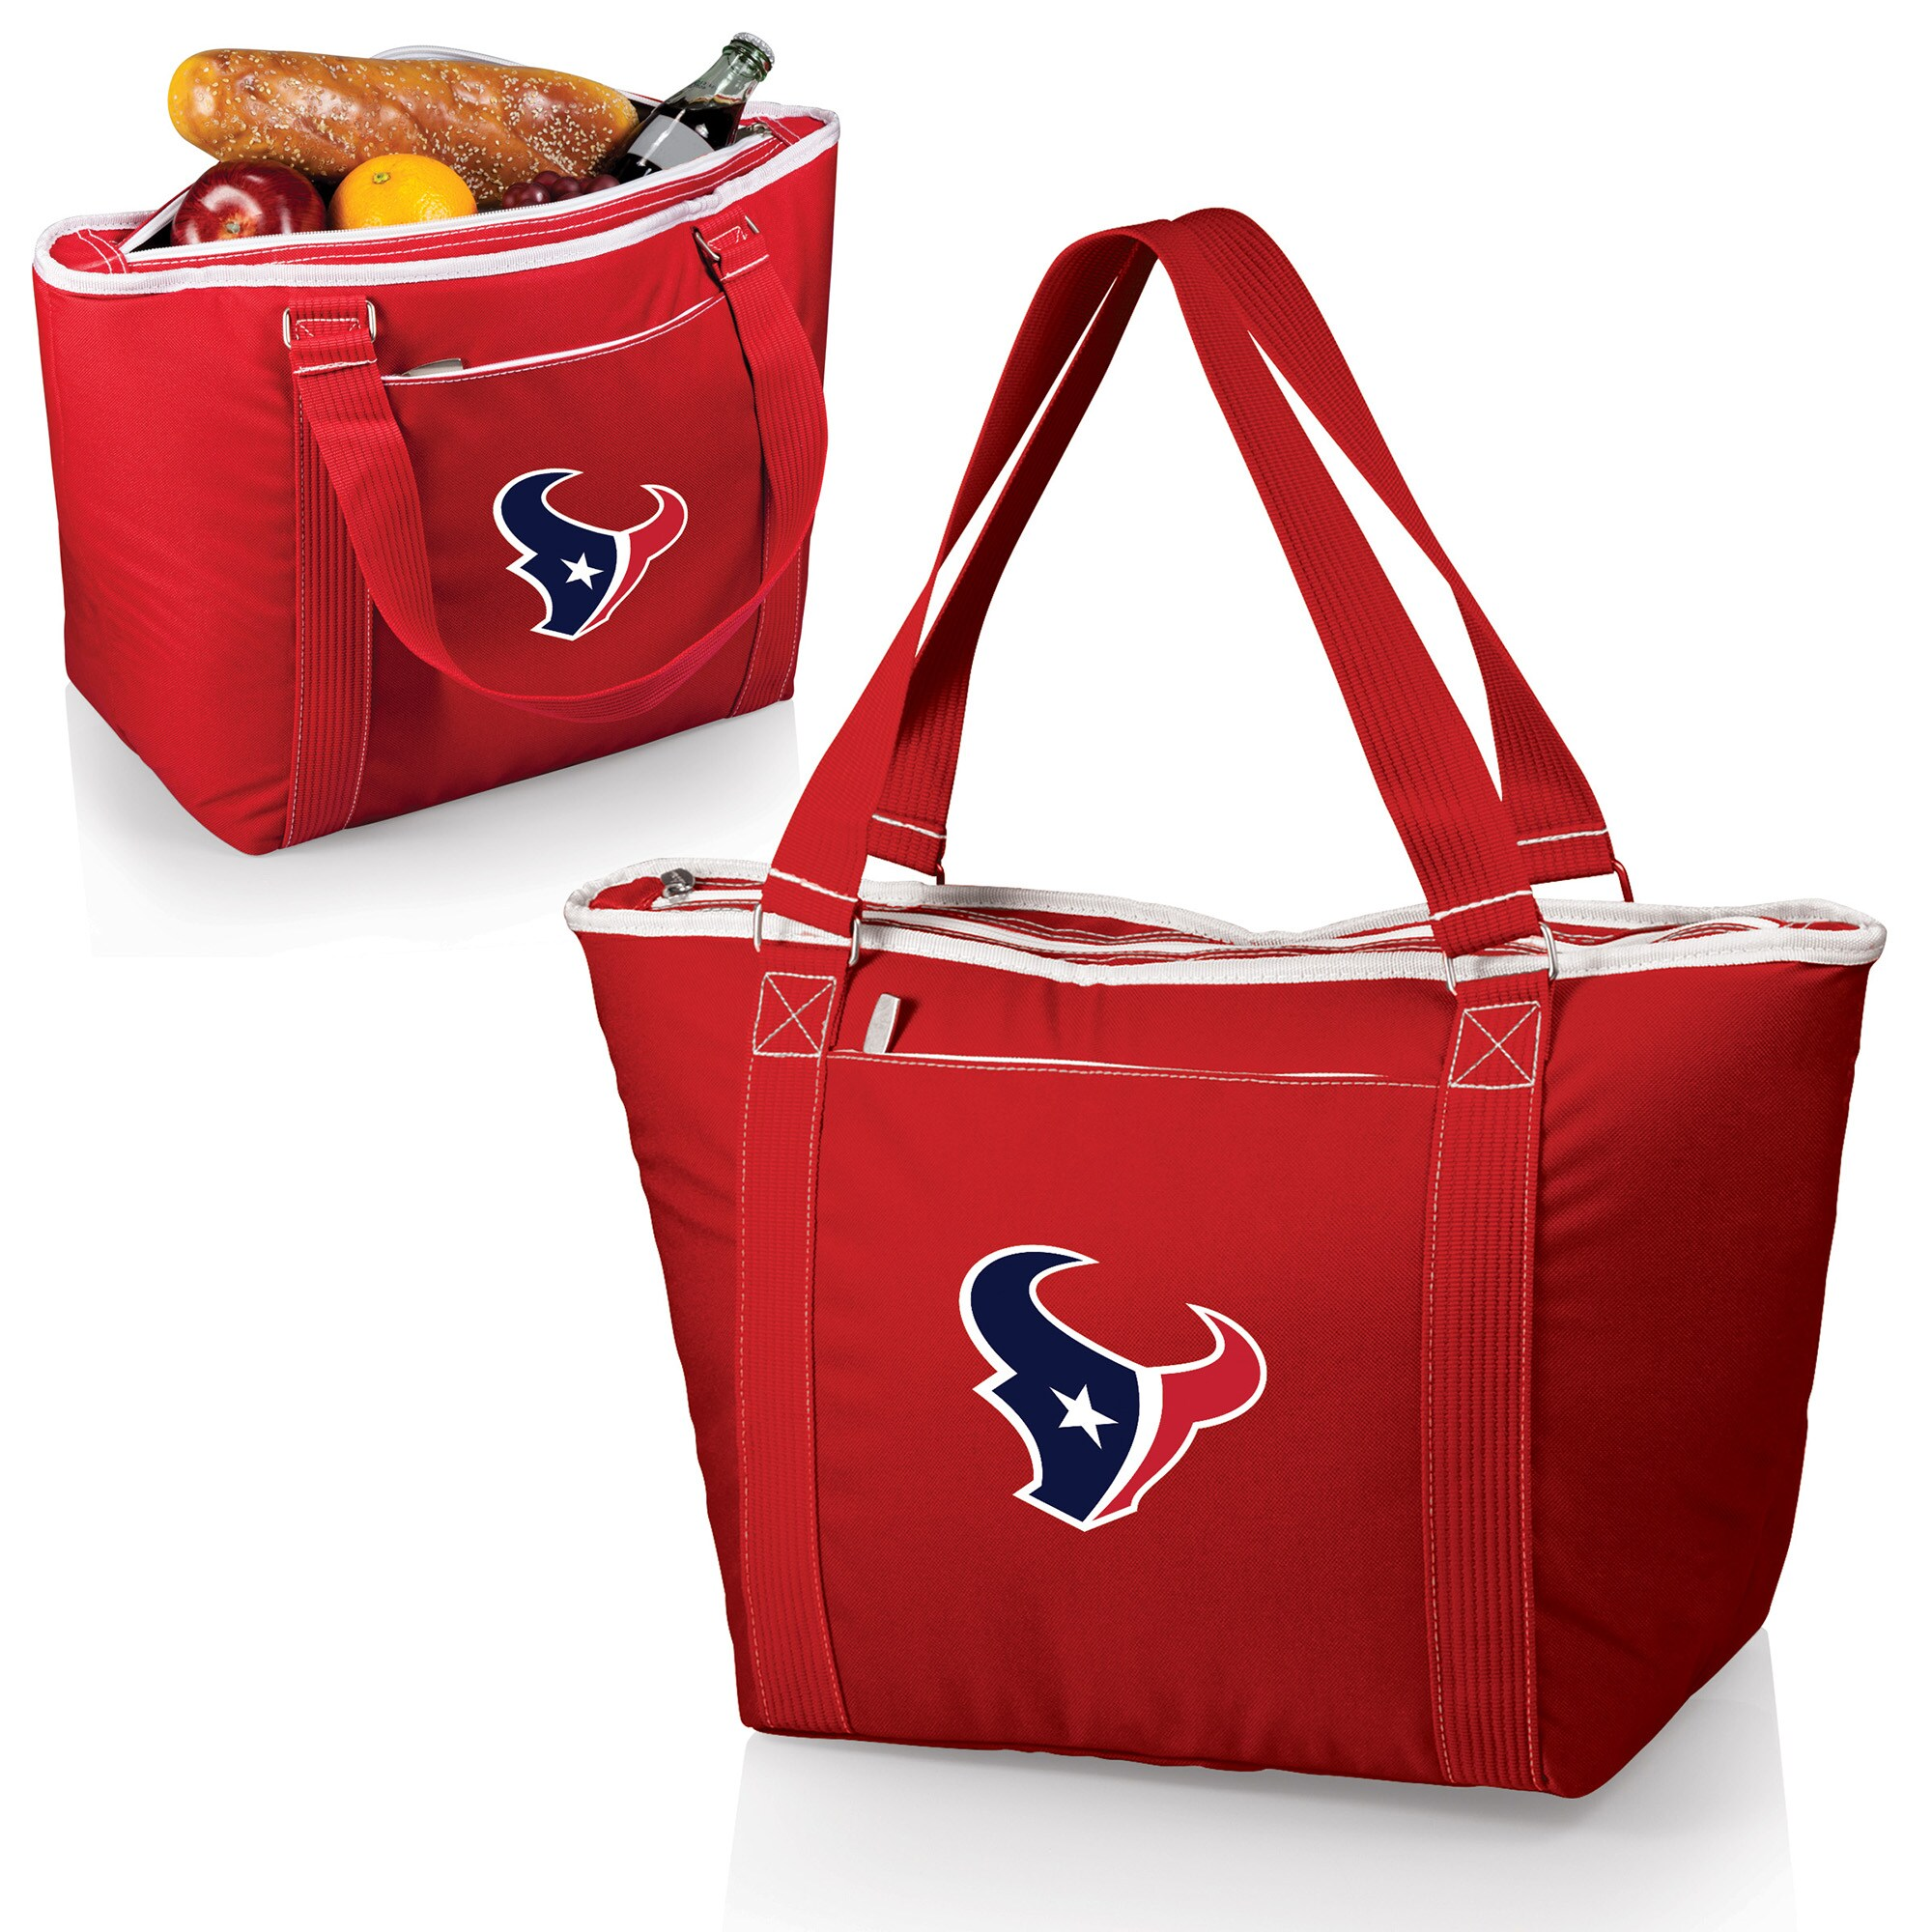 Houston Texans Topanga Cooler Tote - Red